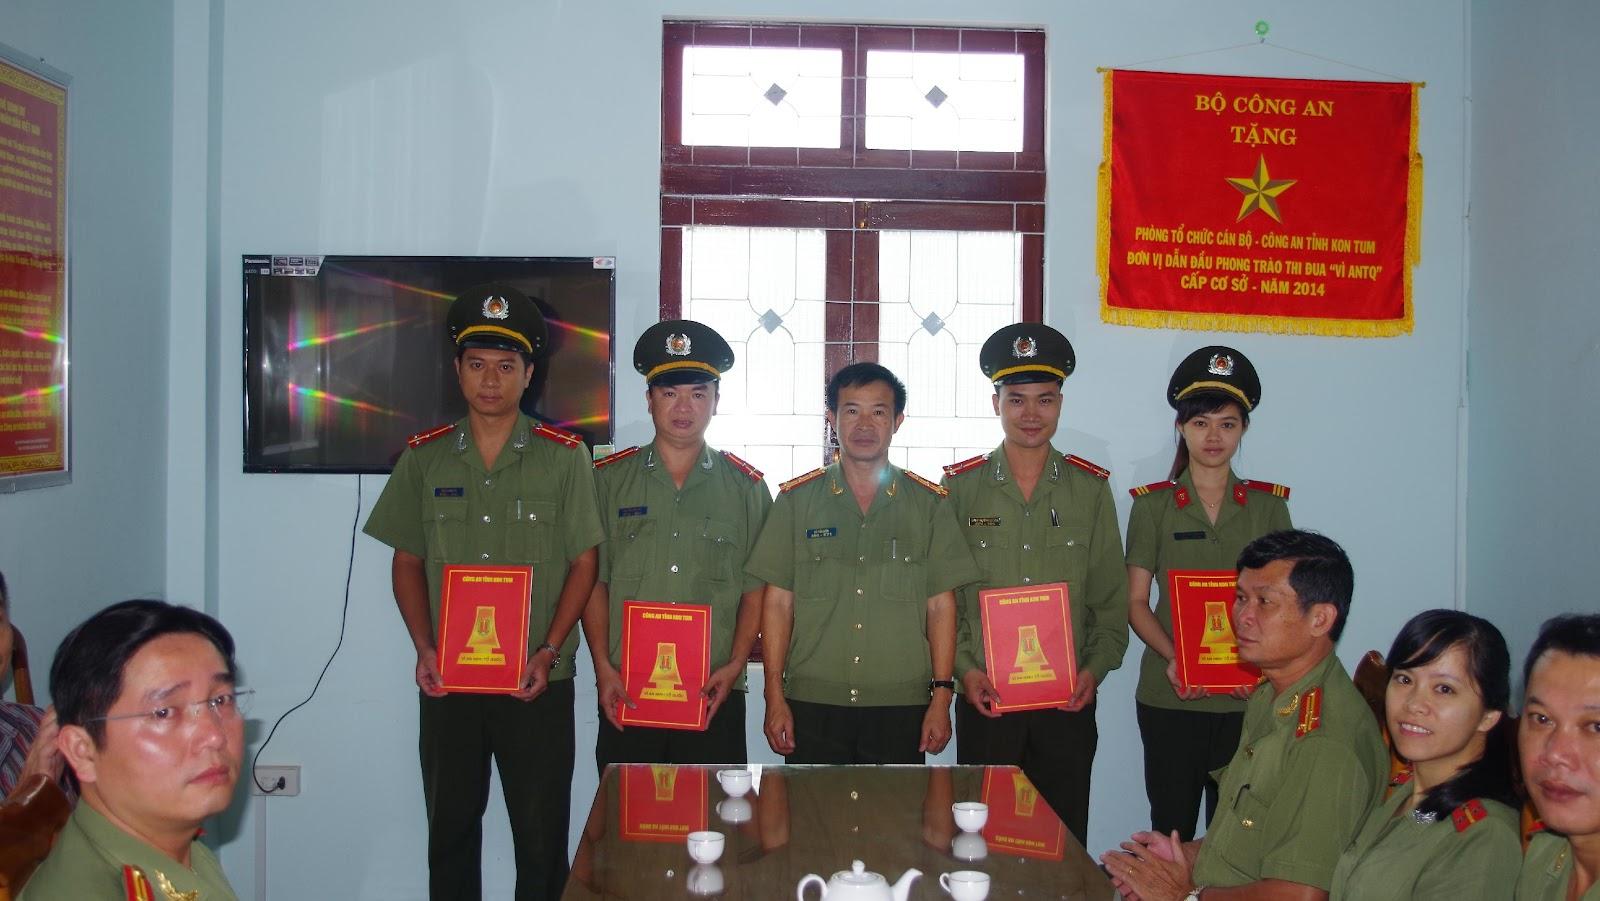 Phòng Tổ chức cán bộ: Công bố Quyết định bổ nhiệm lãnh đạo chỉ huy cấp đội